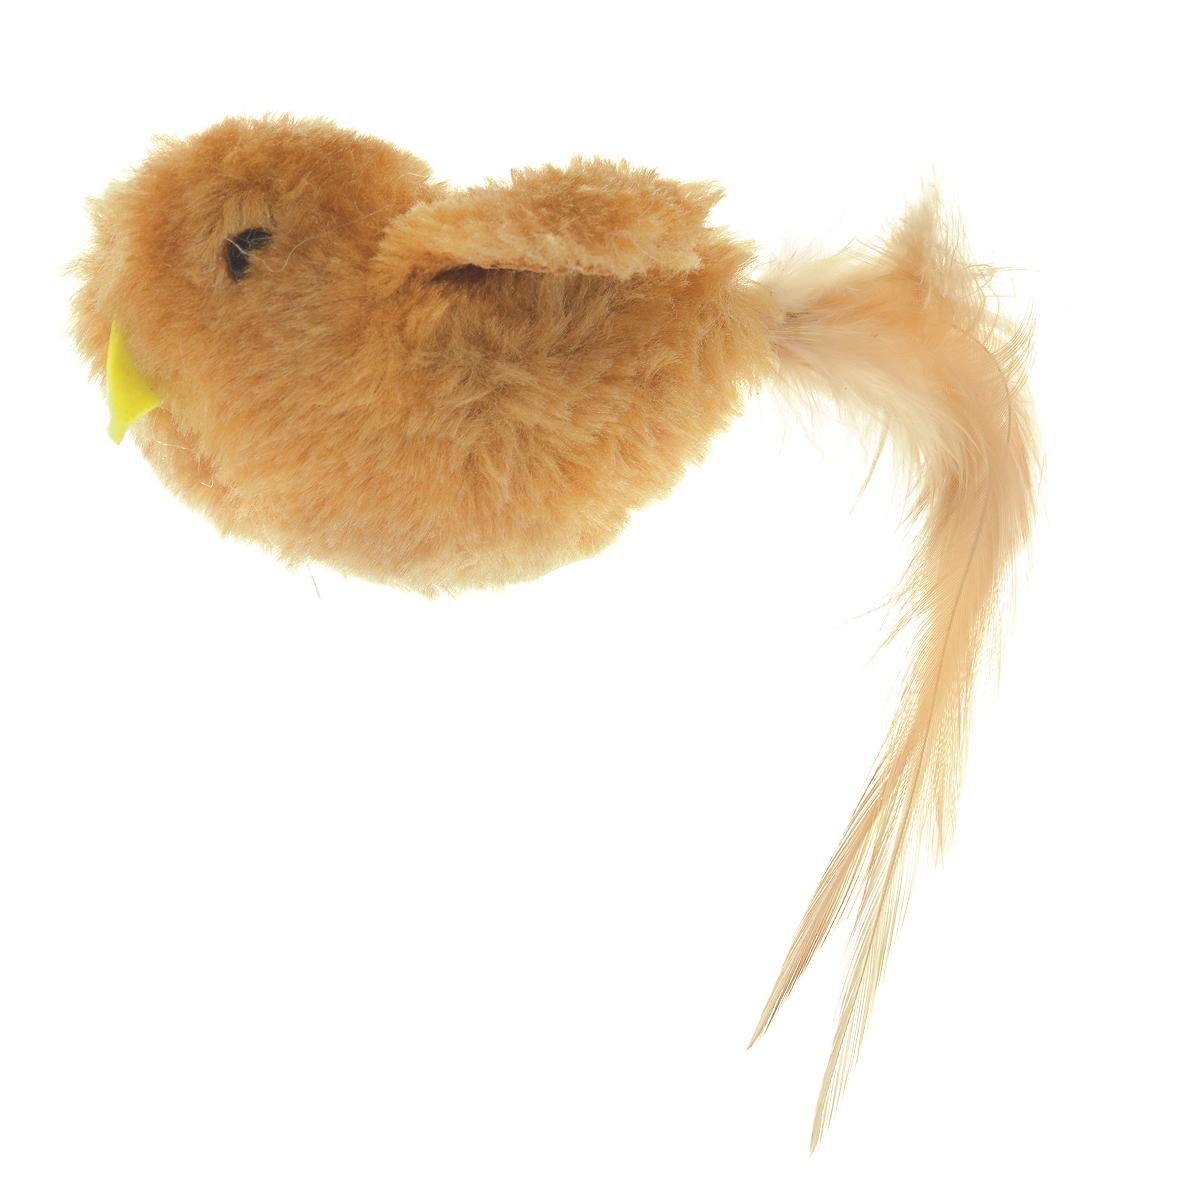 Игрушка для кошки V.I.Pet Птичка, с мятой, цвет: коричневый игрушка для кошки плюшевый мяч с бубенчиком с кошачьей мятой zoobaloo